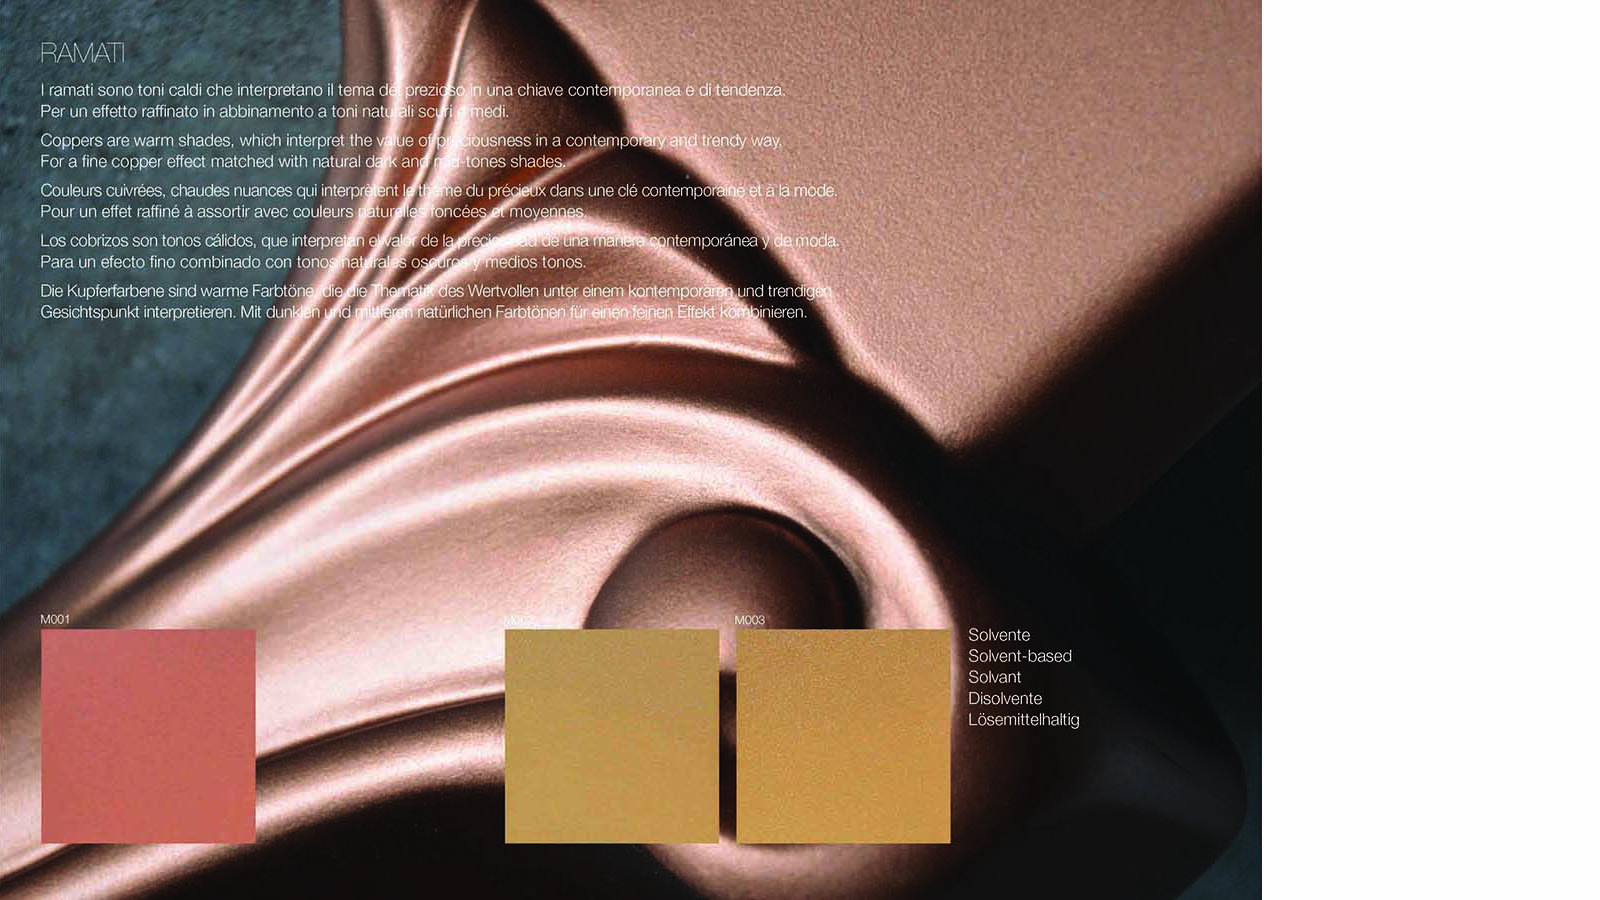 color-tunes-charts-metallizzati-renner-ramati copia 2